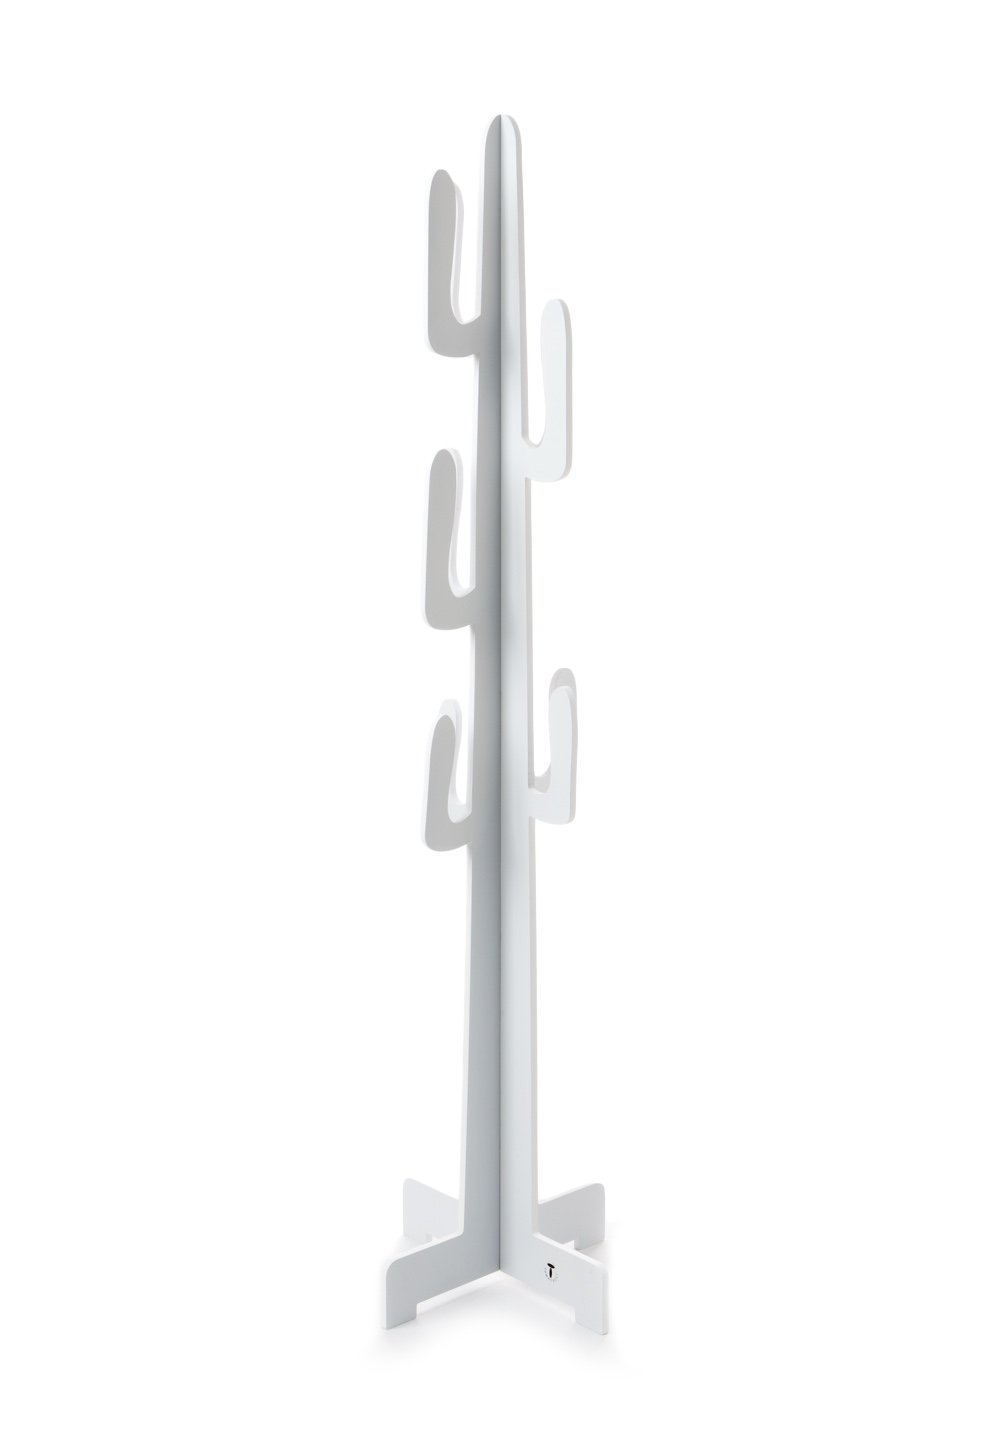 Bianco Appendiabiti con attaccapanni ROCKFORD Wink design